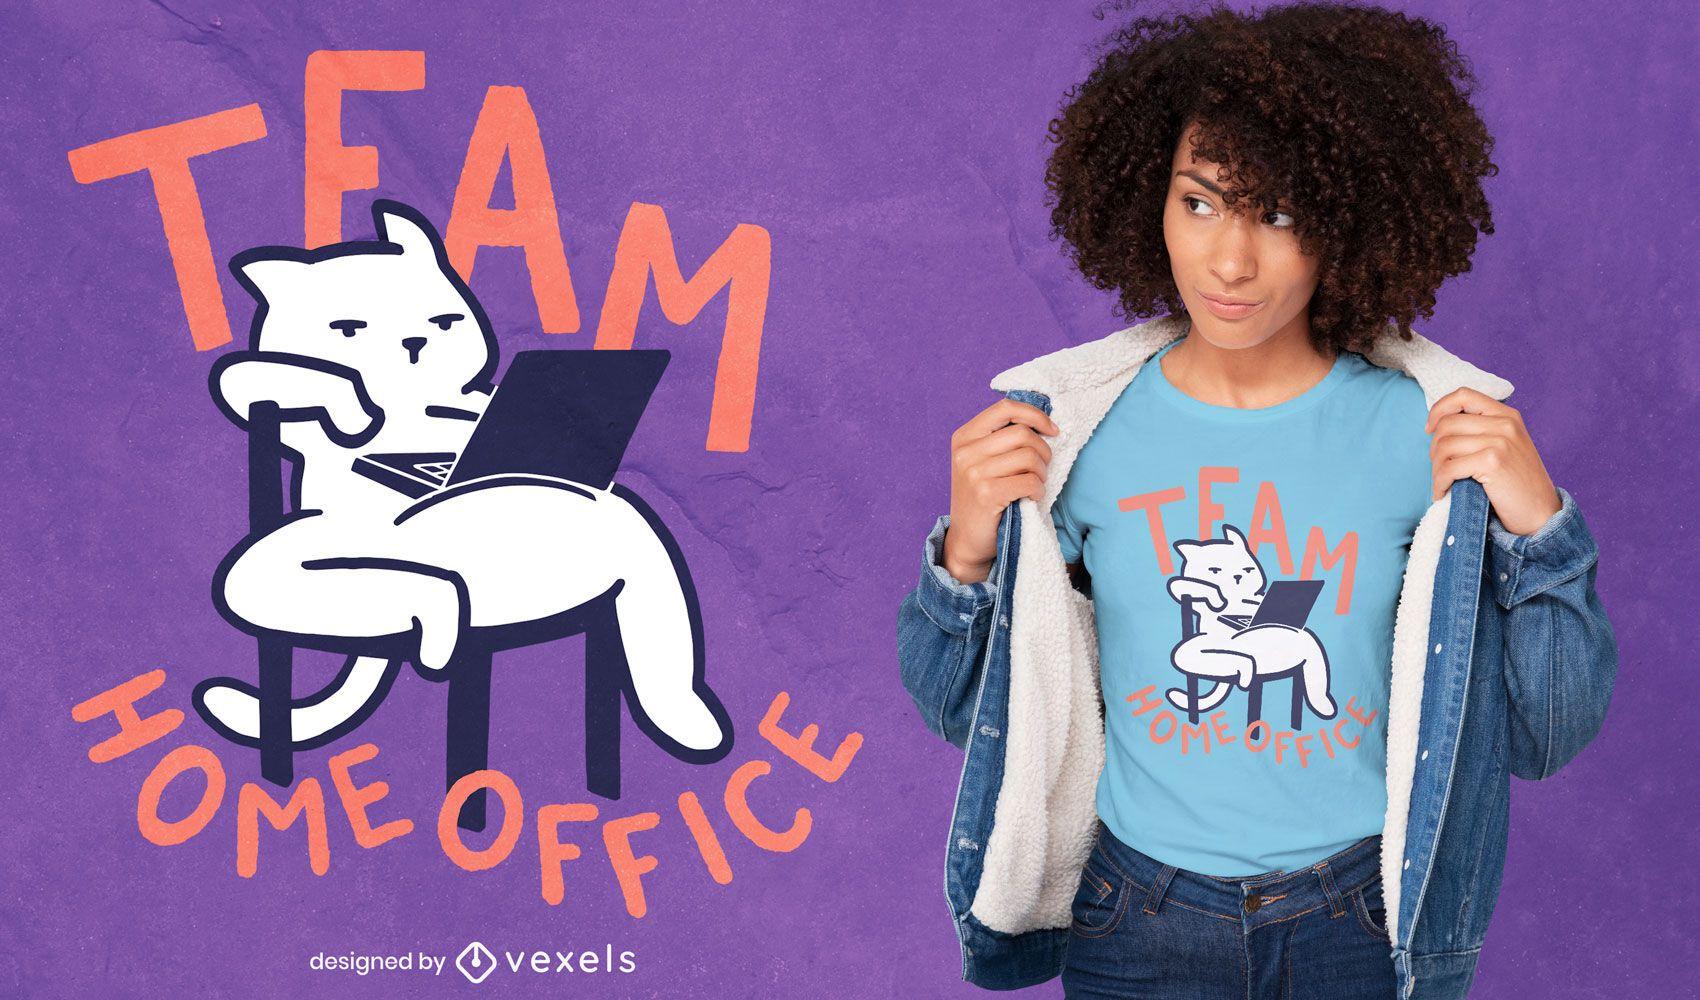 Team home office cat t-shirt design